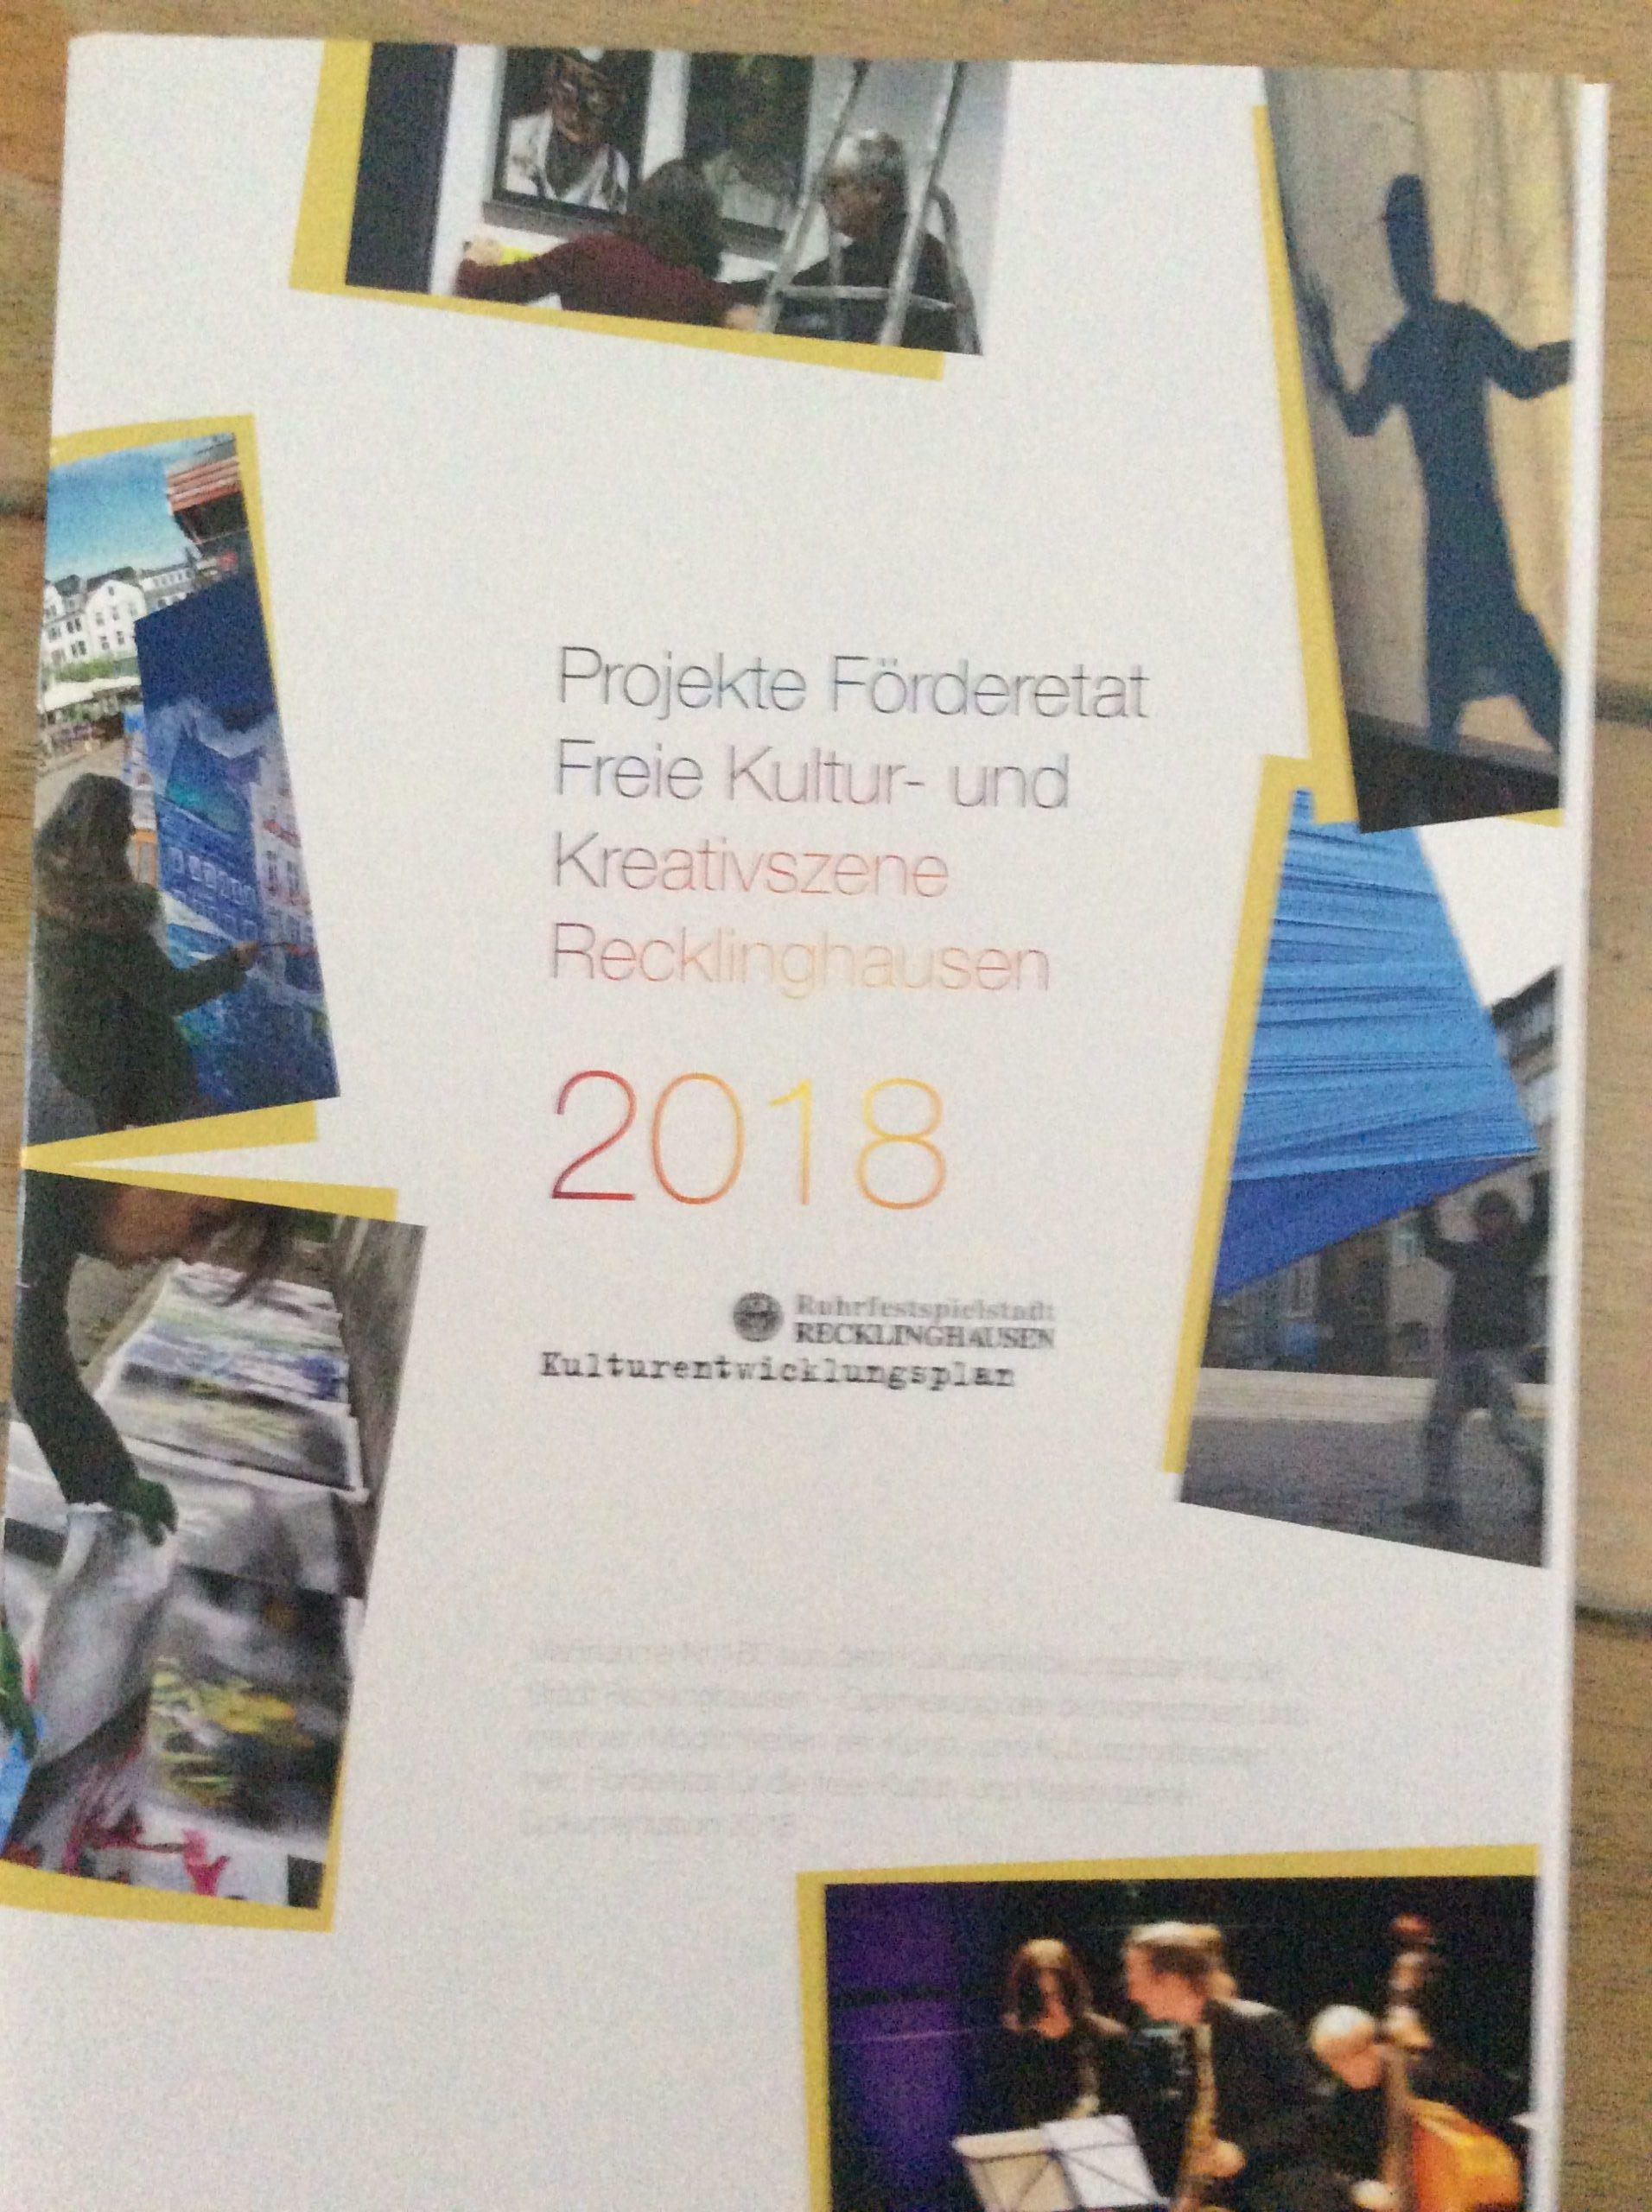 Projekt Förderetat Freie Kultur-und Kunstszene Recklinghausen